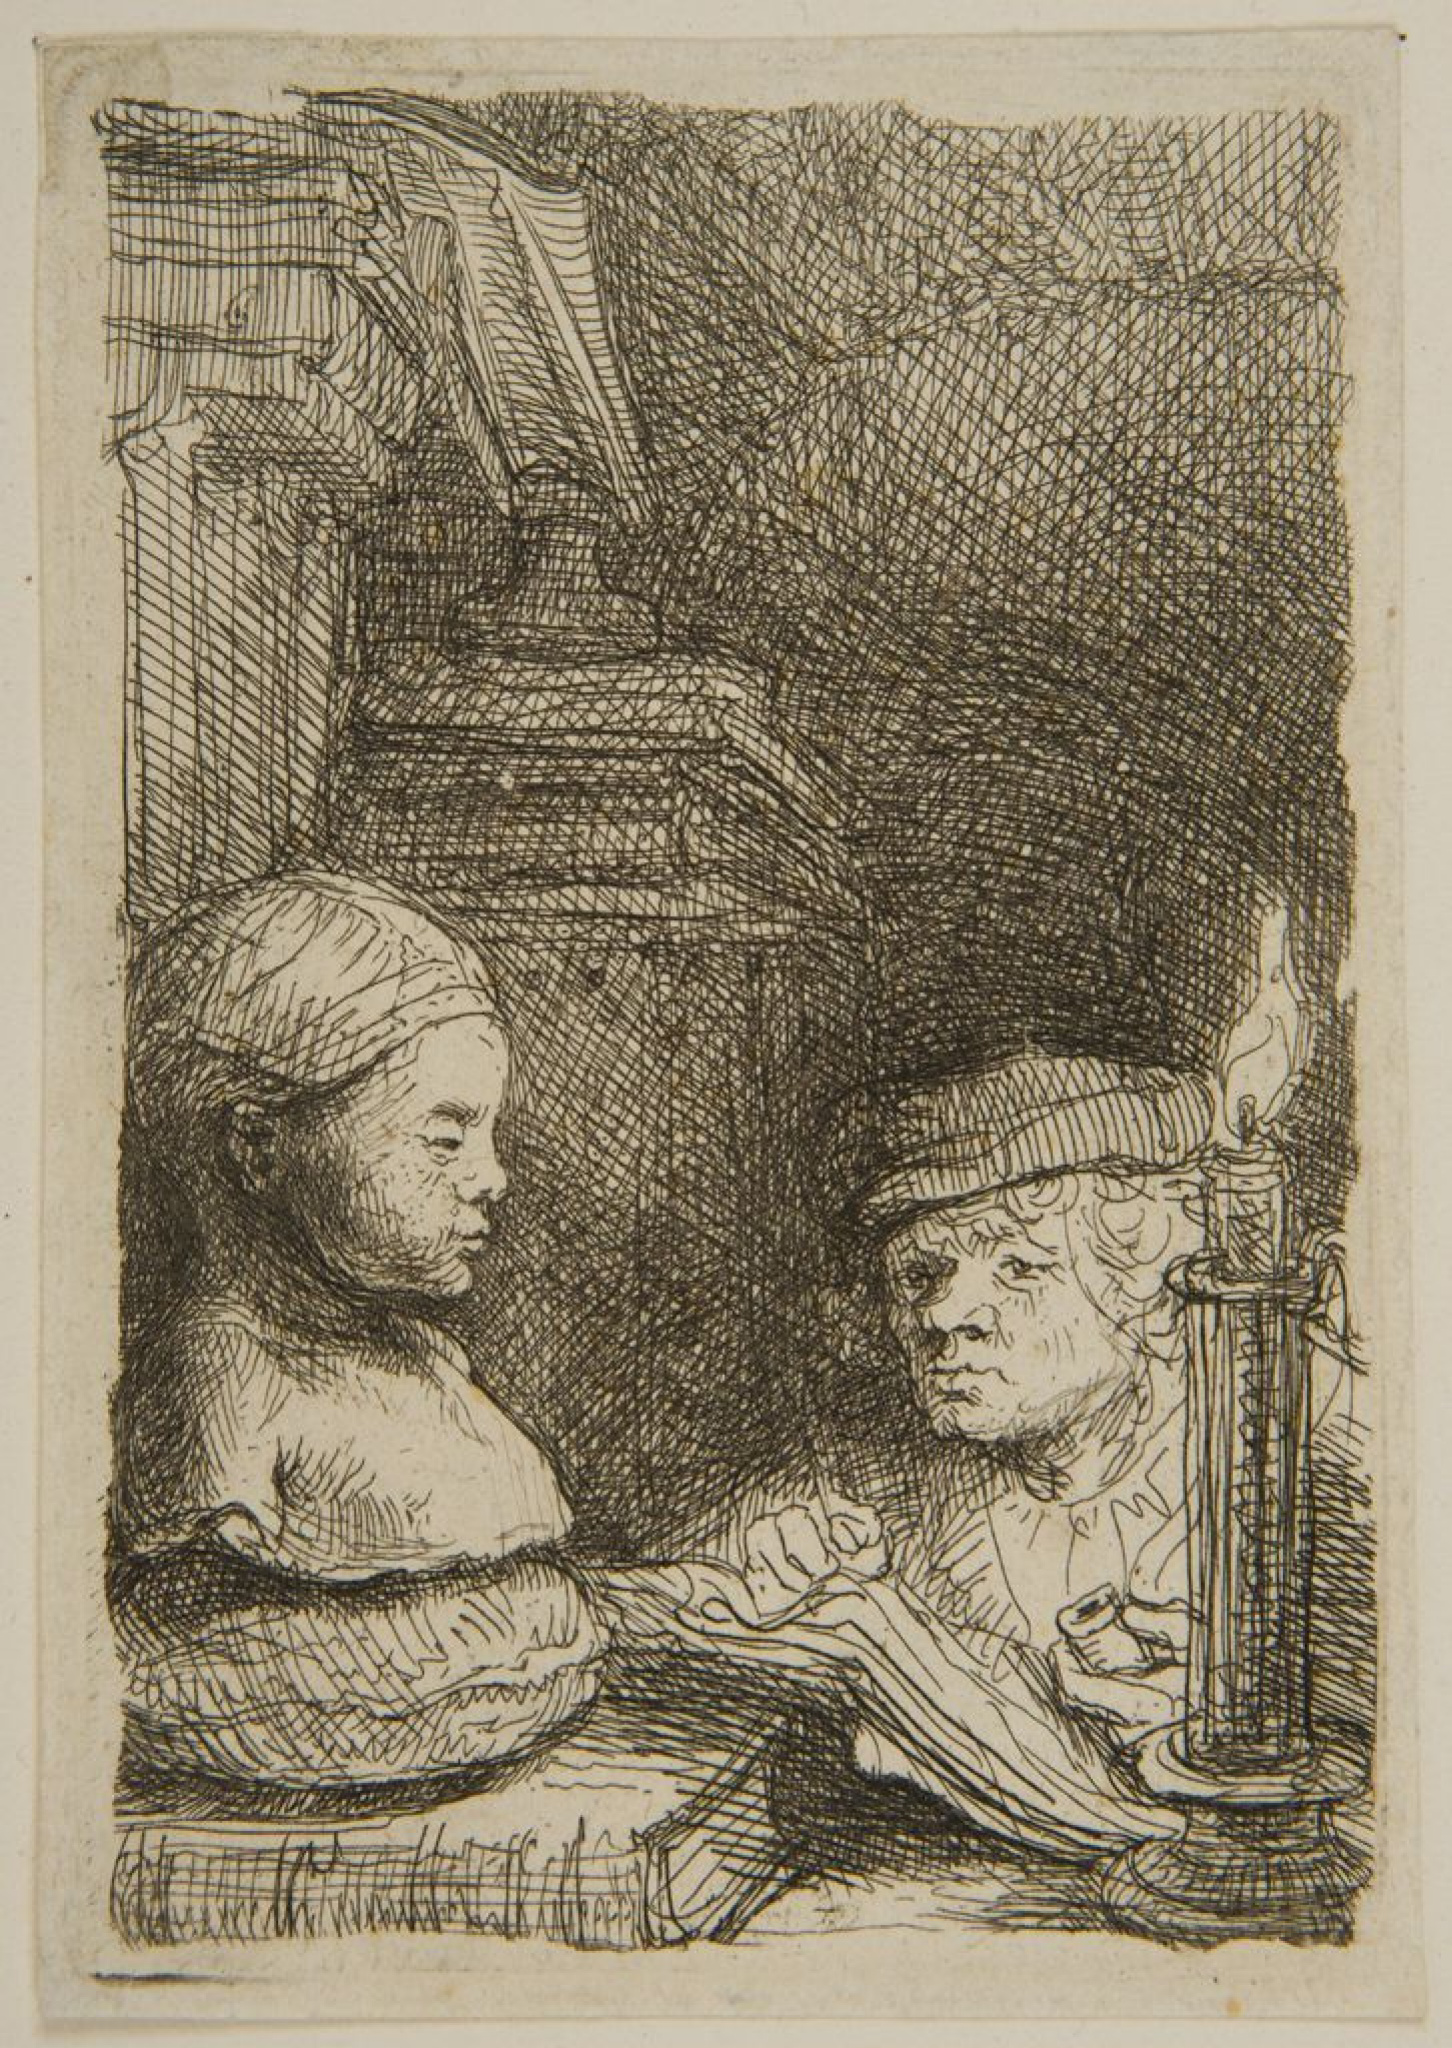 Рембрандт Харменс ван Рейн. Человек, рисующий гипсовую модель при свече